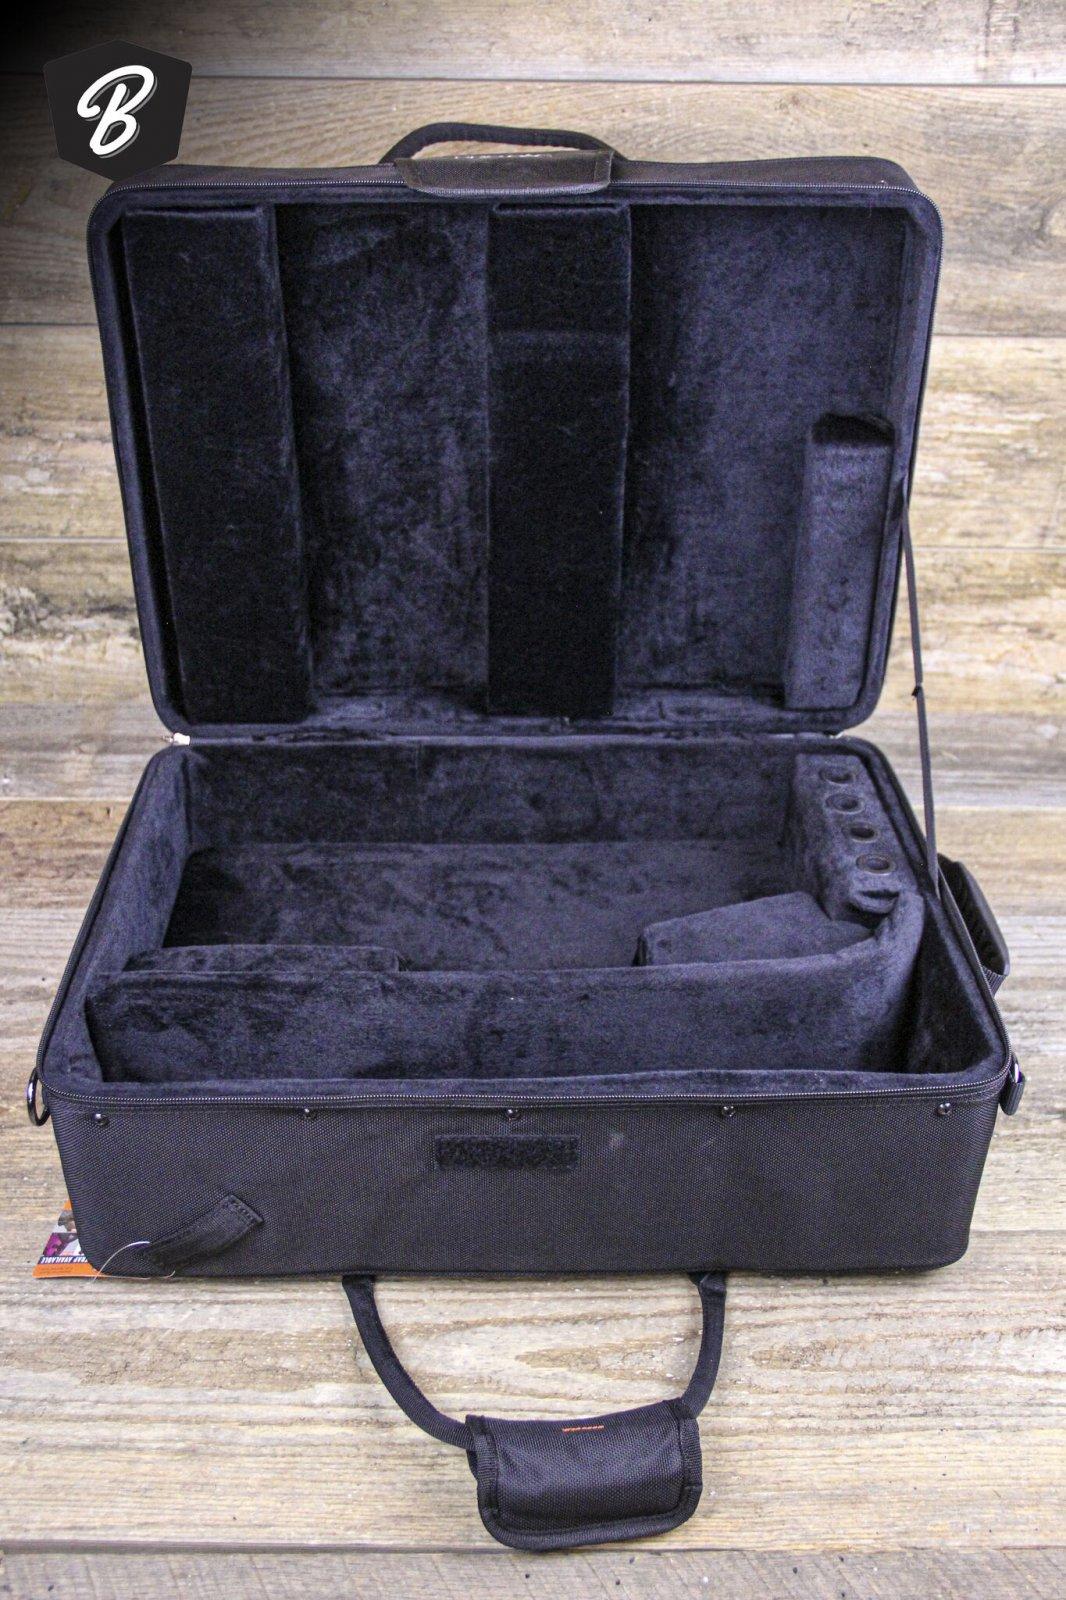 Protec PB-301F Flugel/Trumpet Combo Pro Pac Case